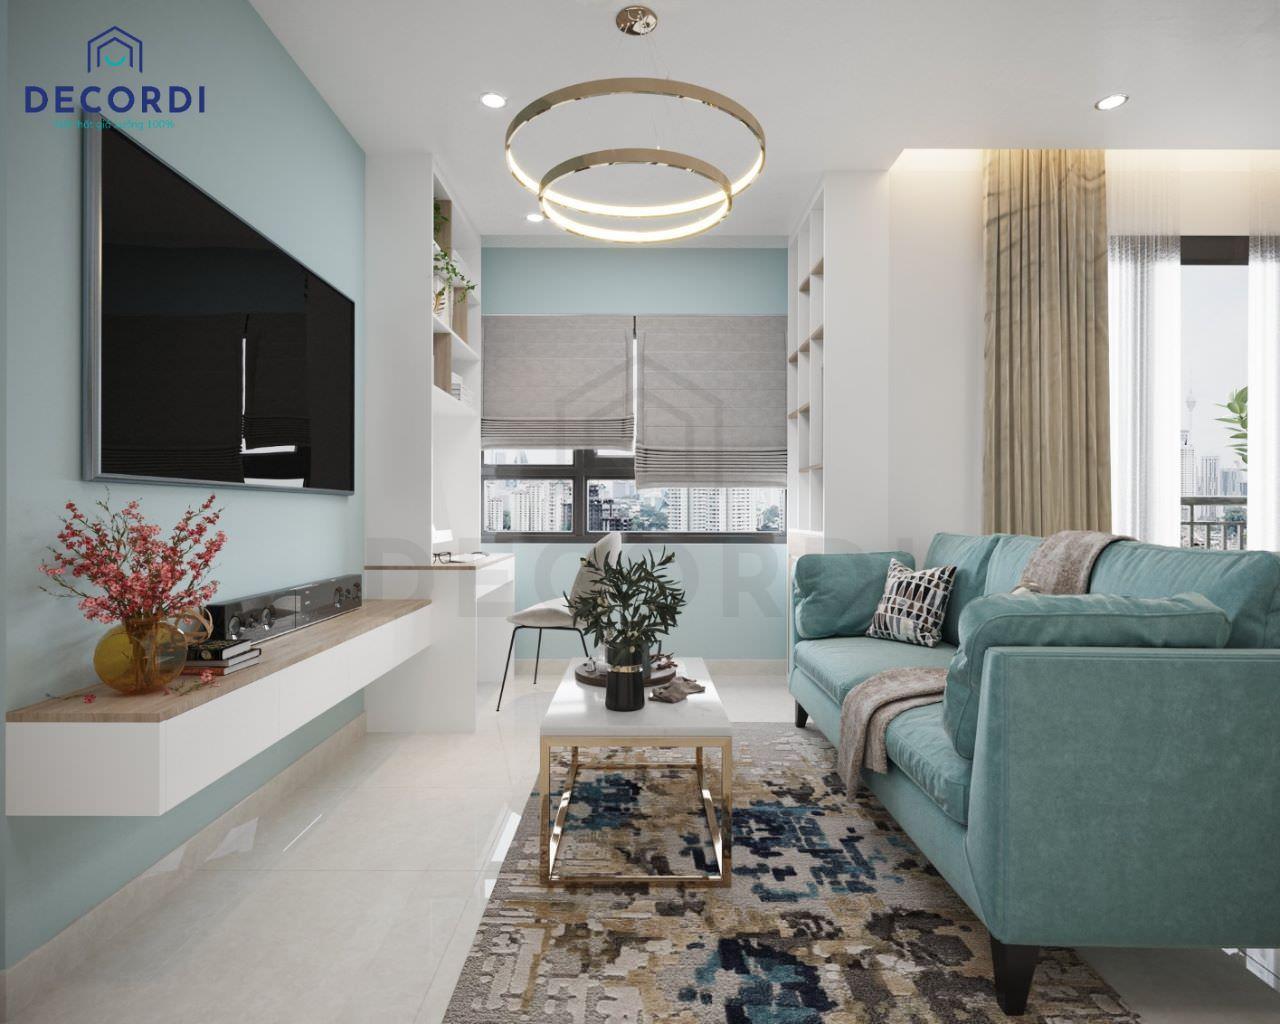 Phòng khách màu xanh ngọc cho chung cư nhỏ thêm tươi mát